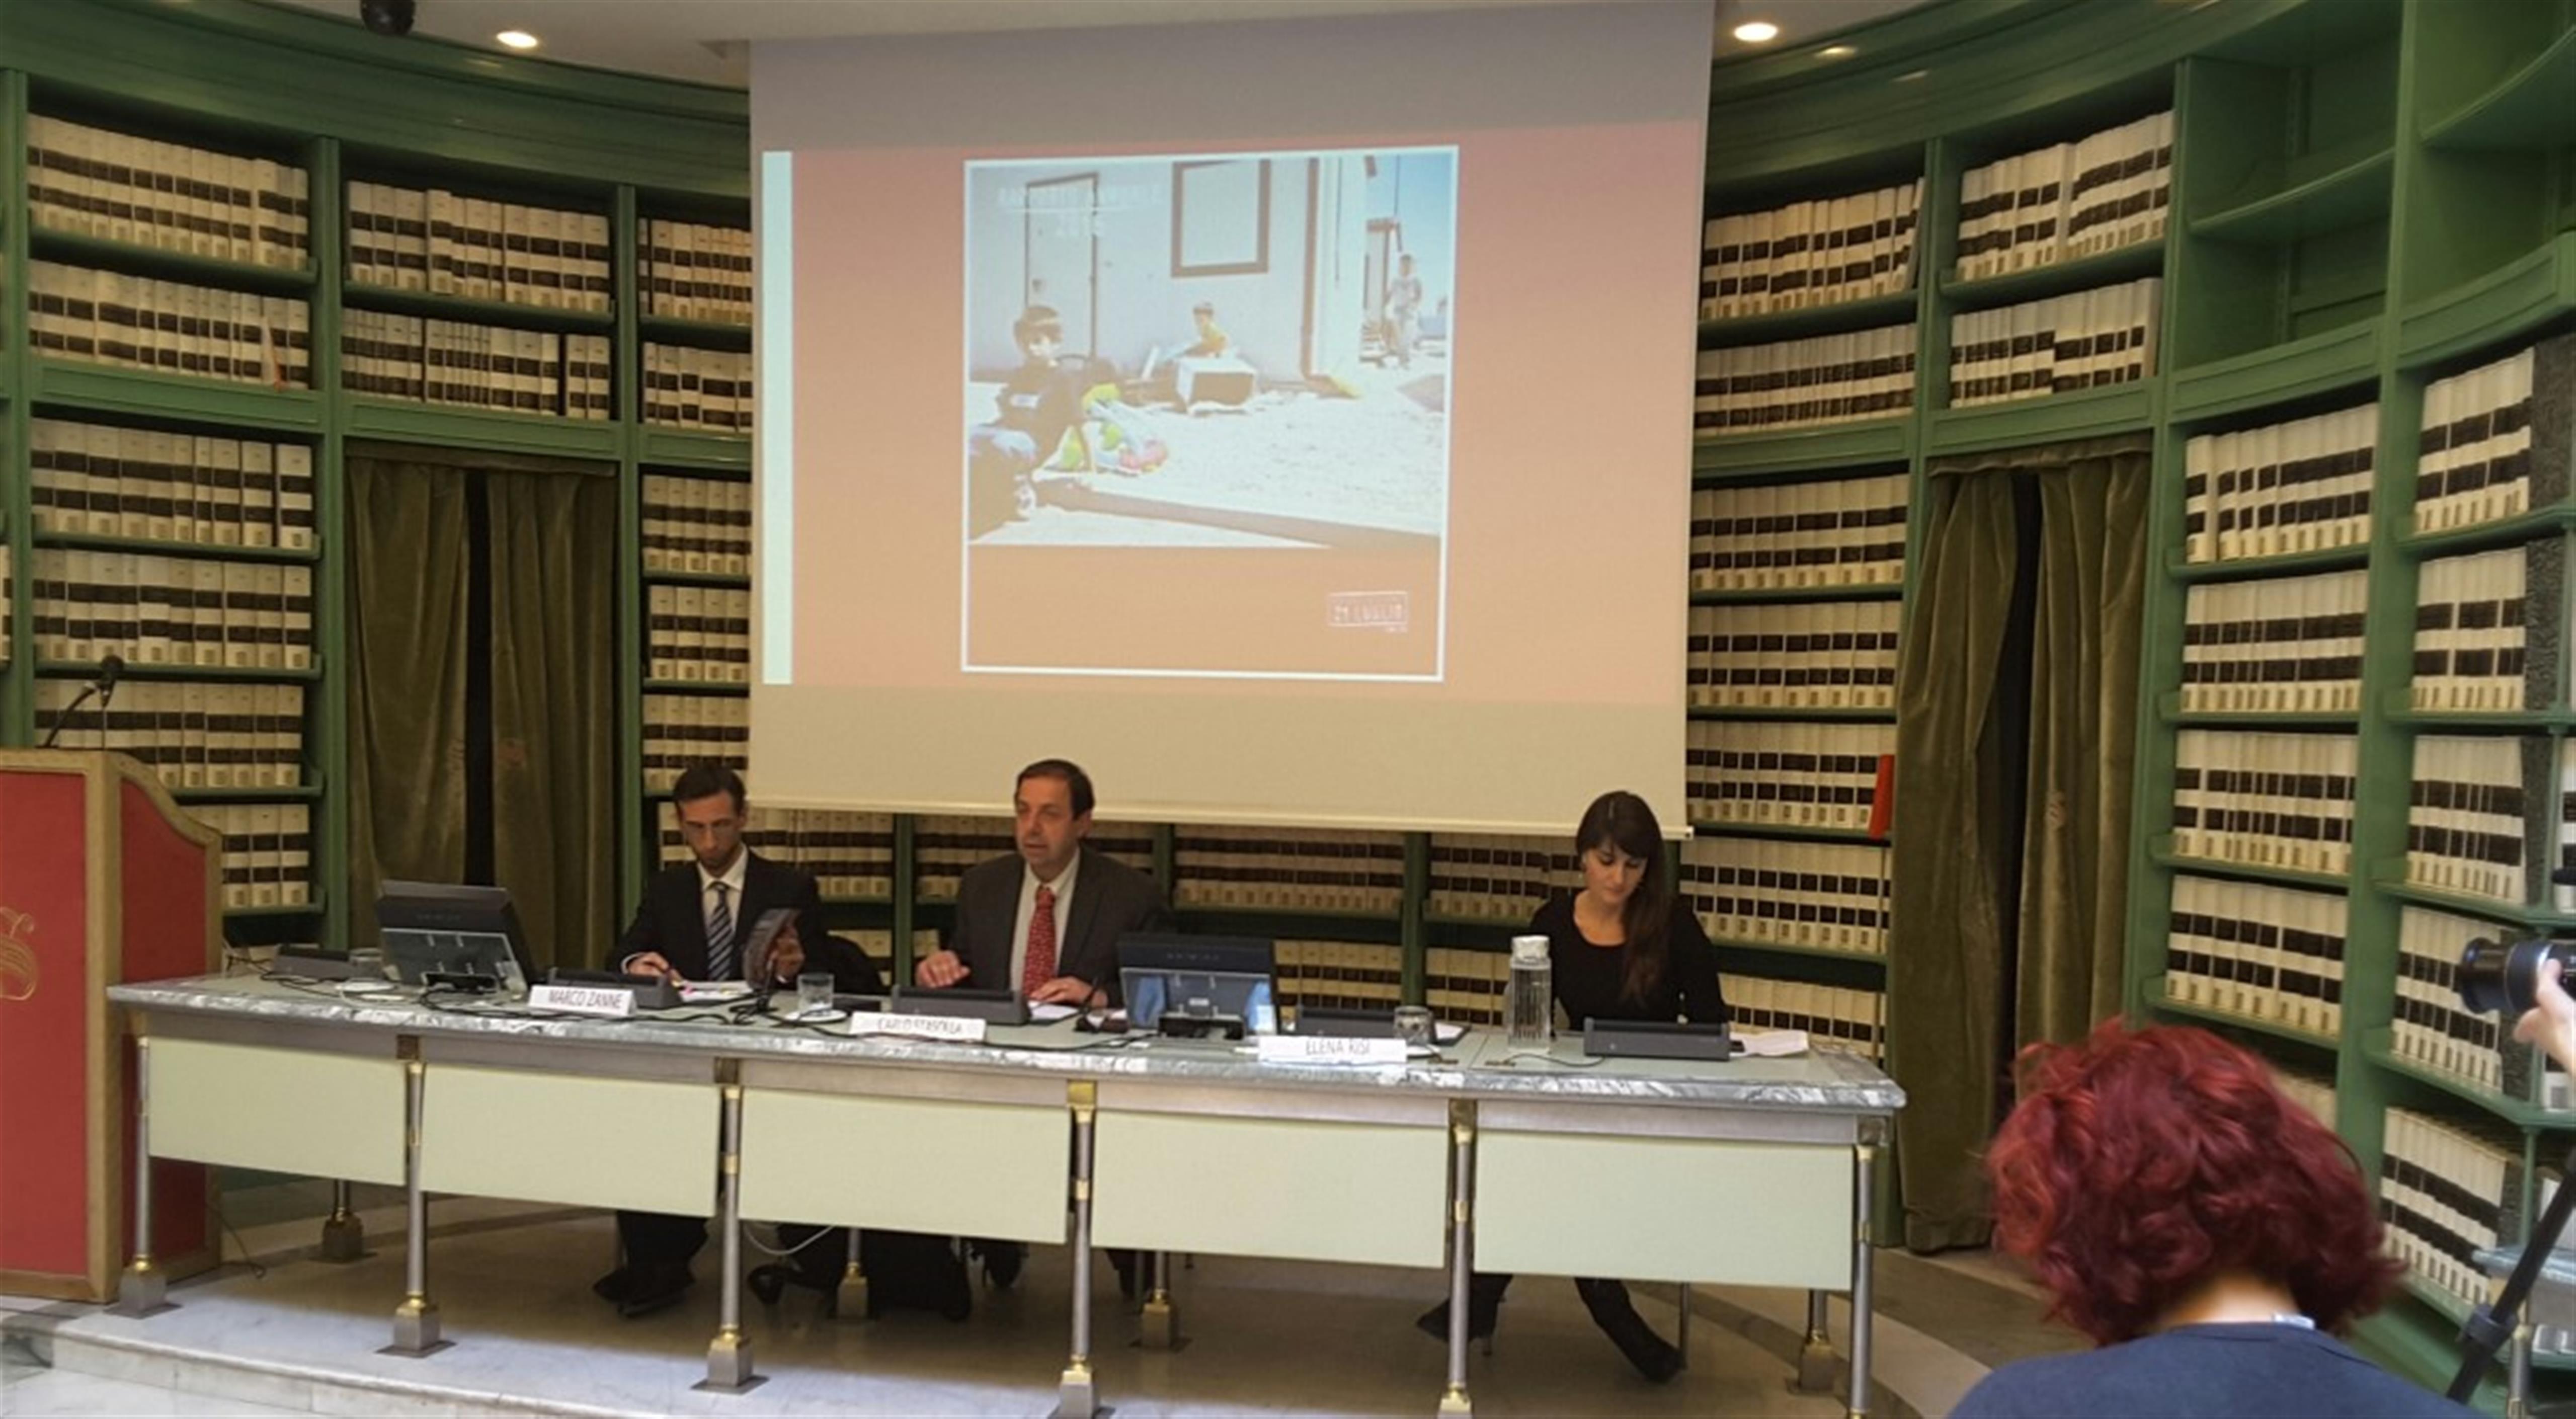 21 Luglio: ecco la situazione di Rom e Sinti in Italia